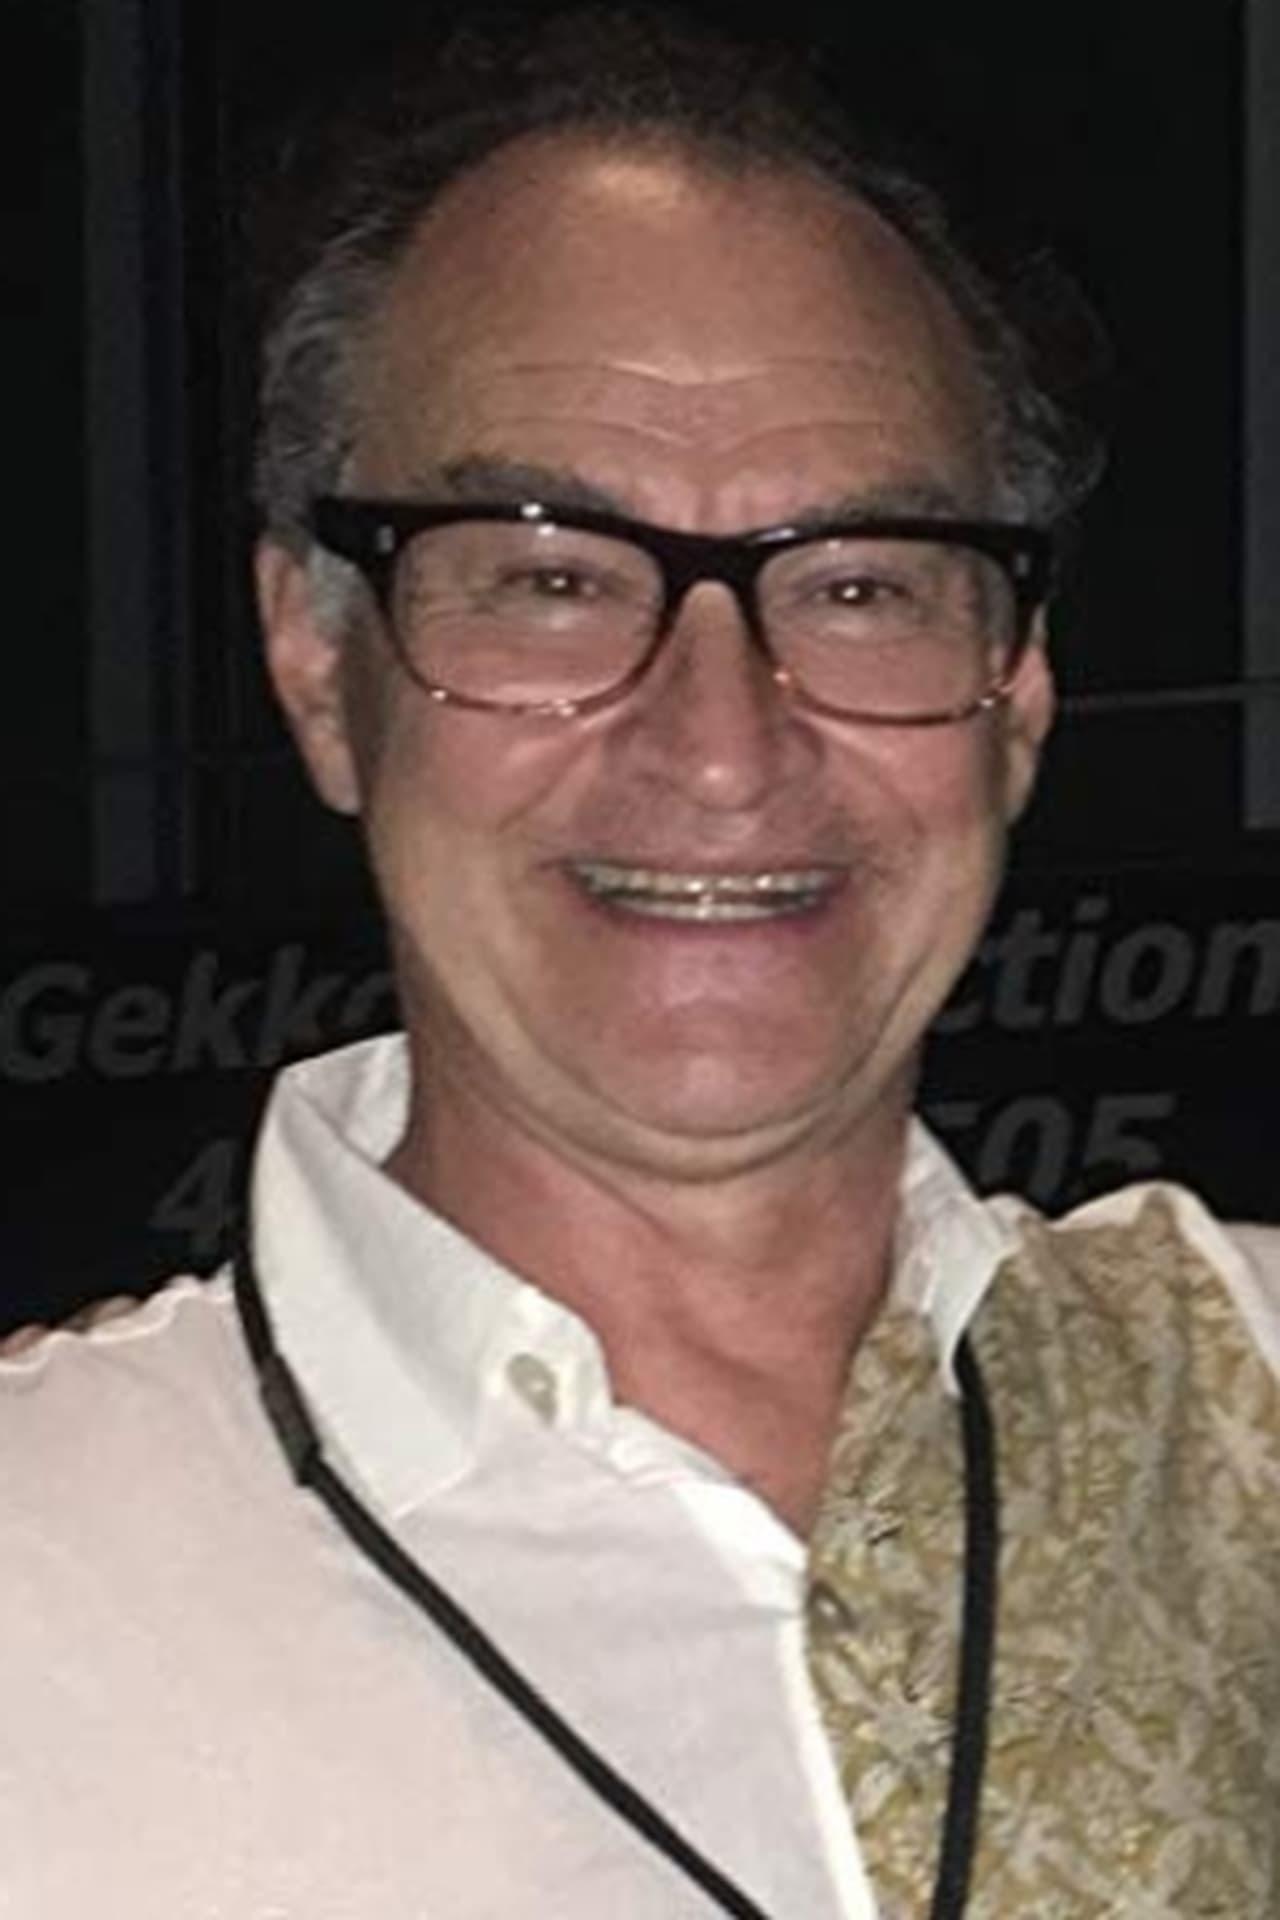 Jeremy Azis